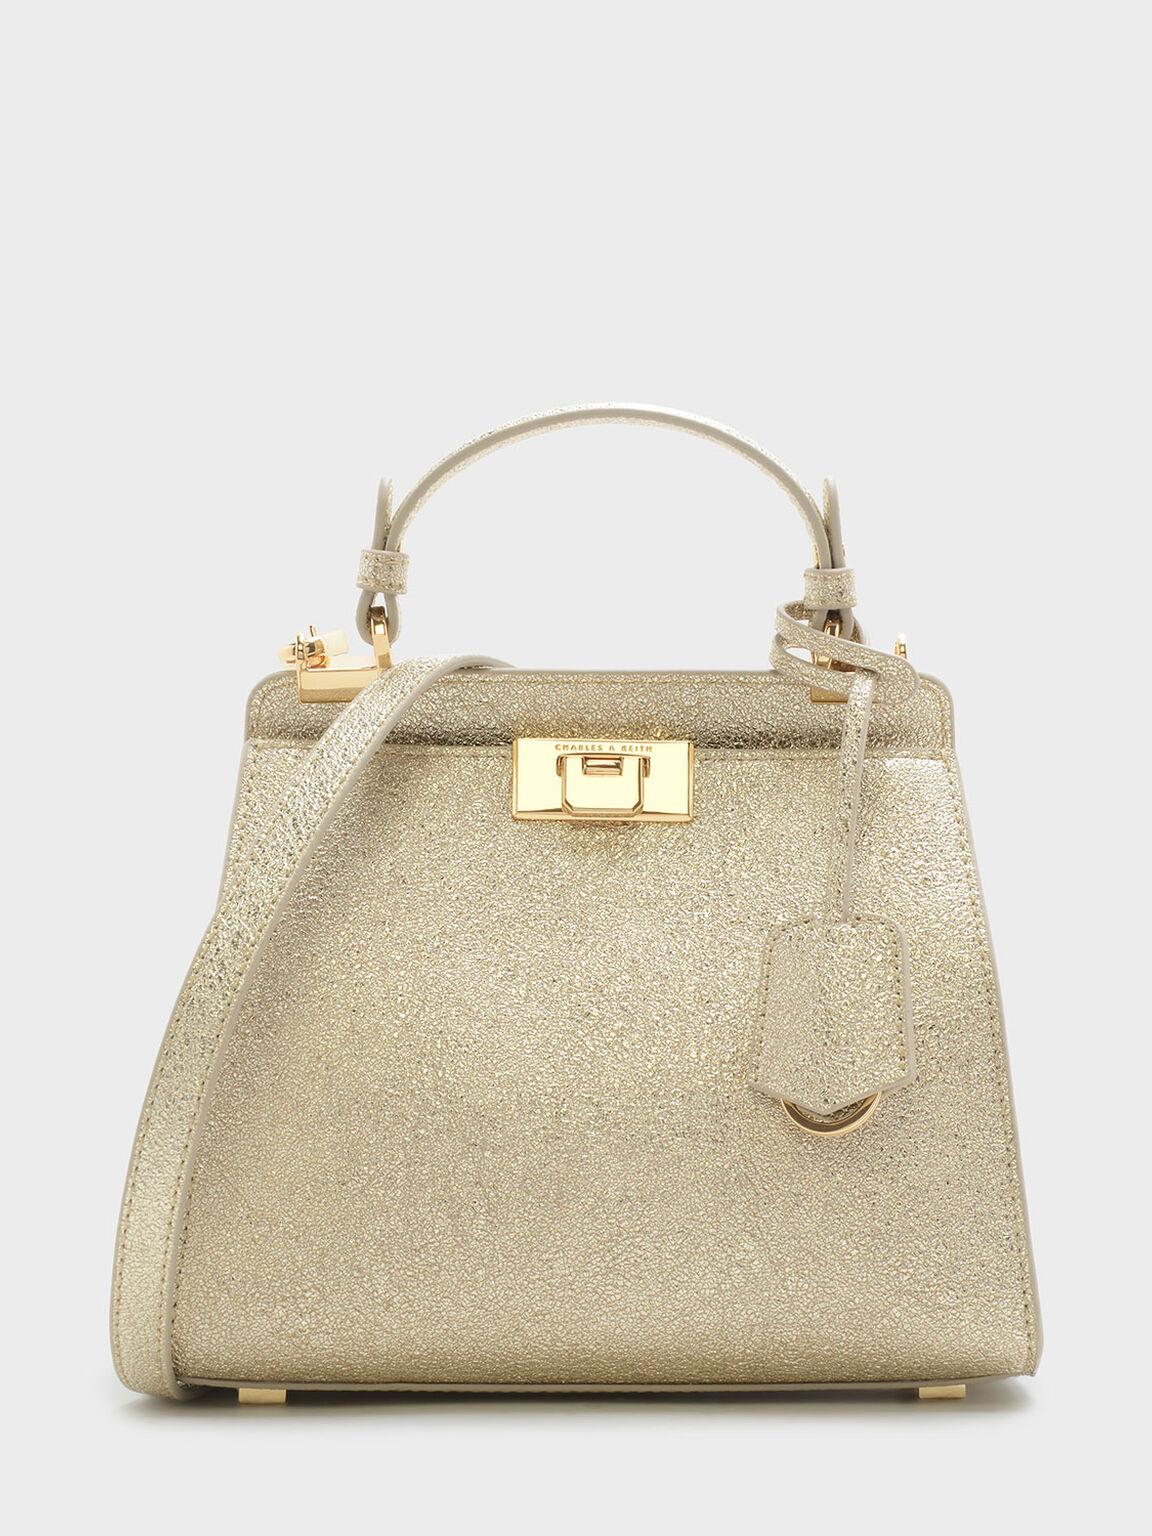 稜角設計壓扣式手提包, 金色, hi-res